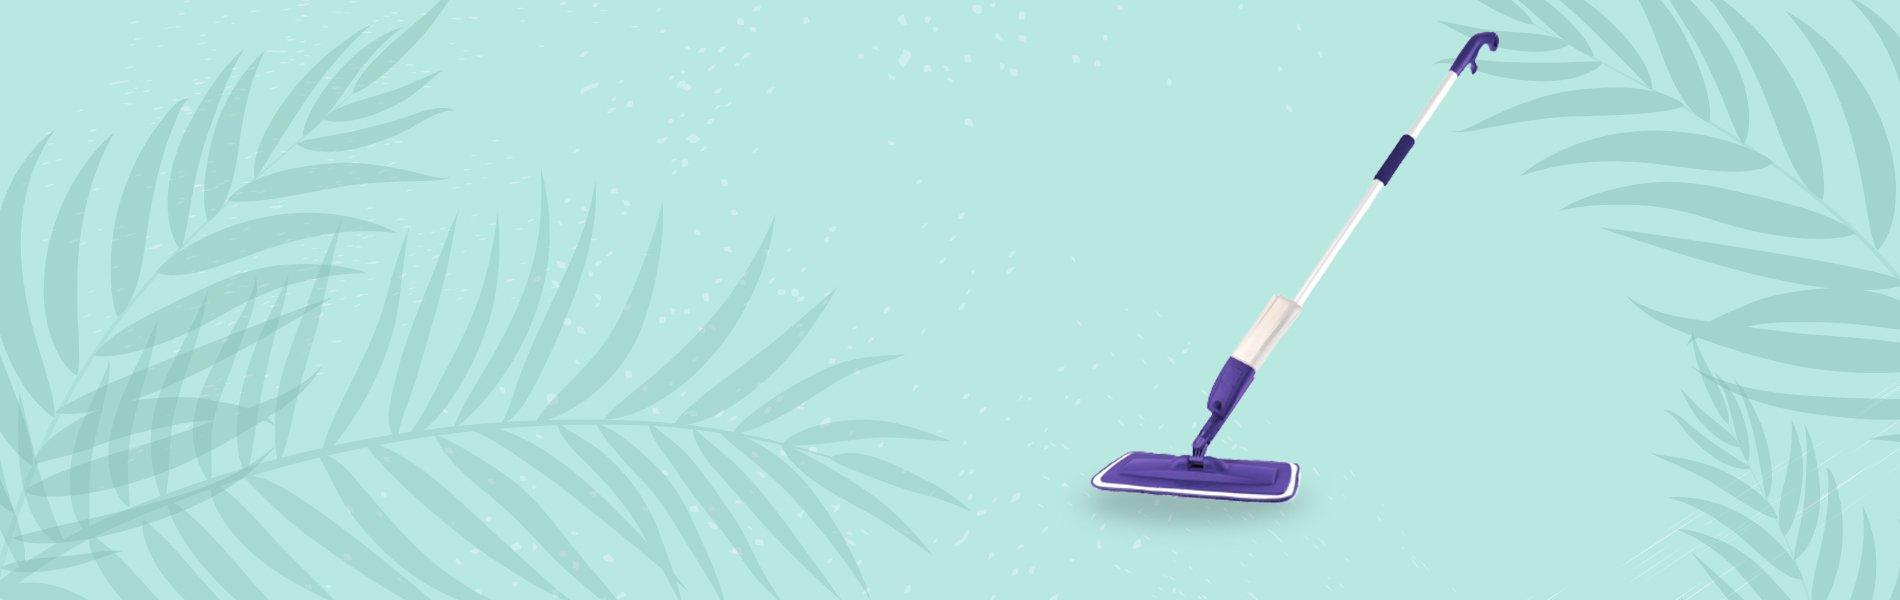 Dosta vam je klečanja dok čistite podove?